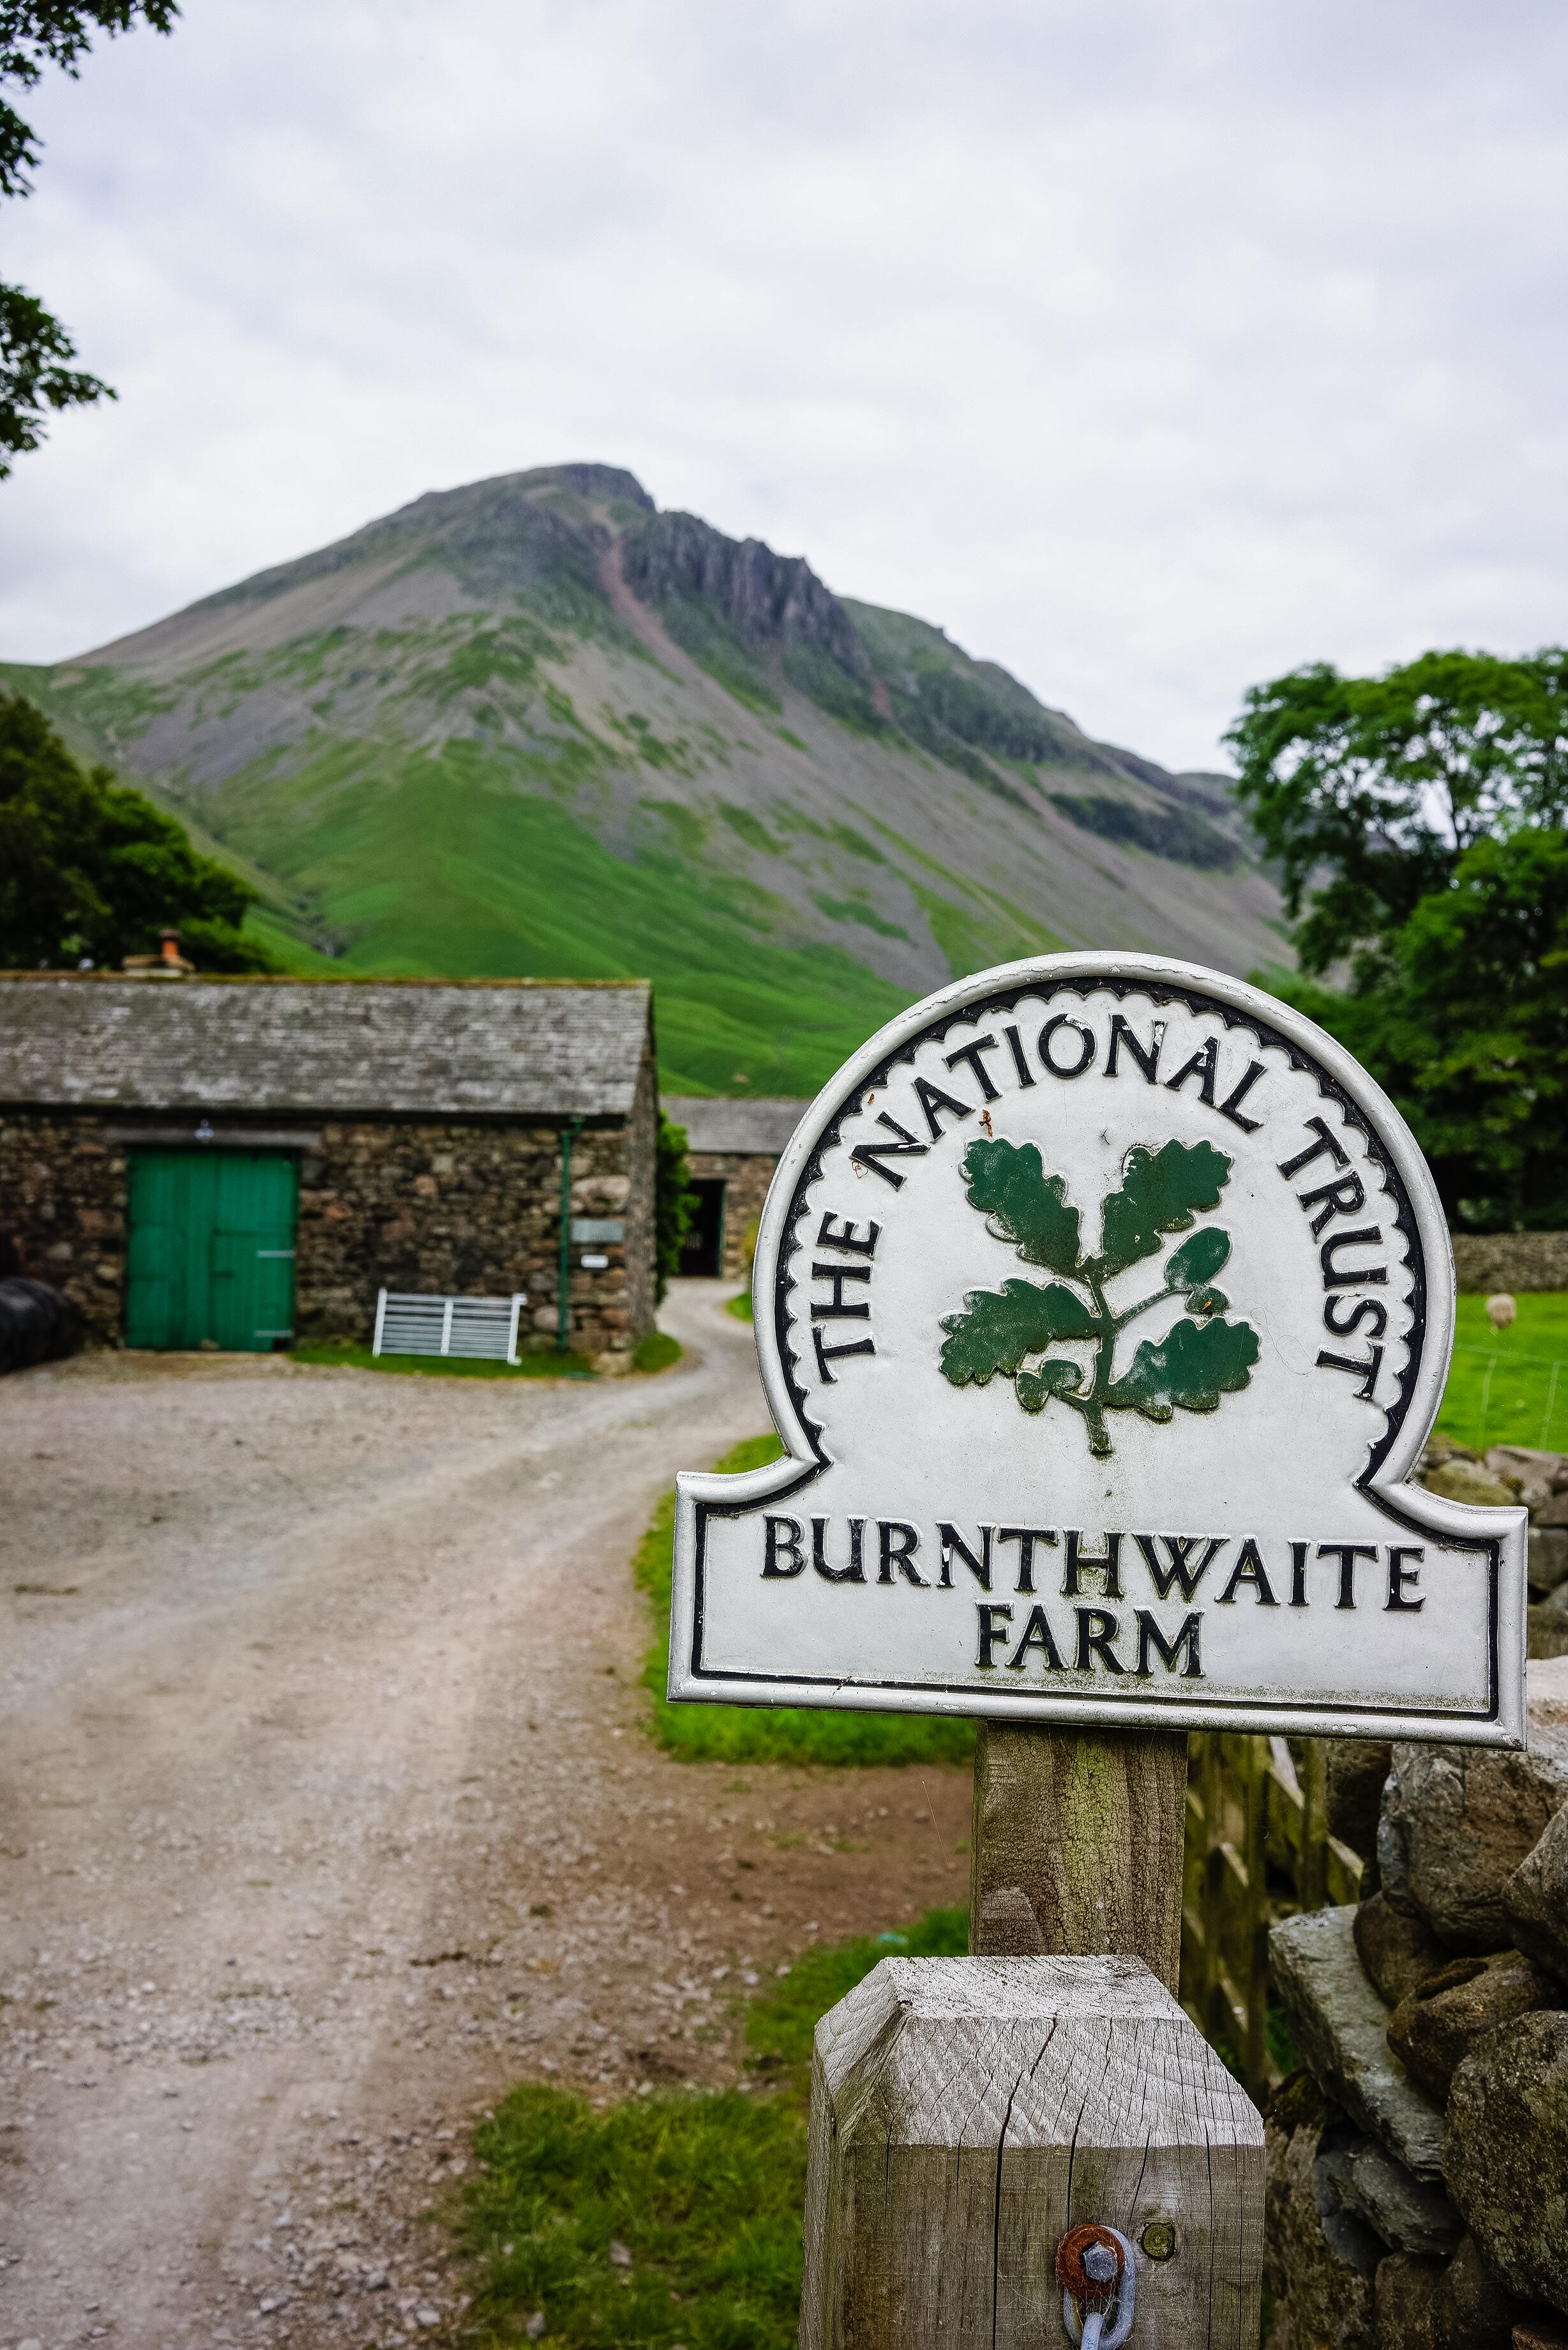 National Trust Burnthwaite Farm - John Hodgson